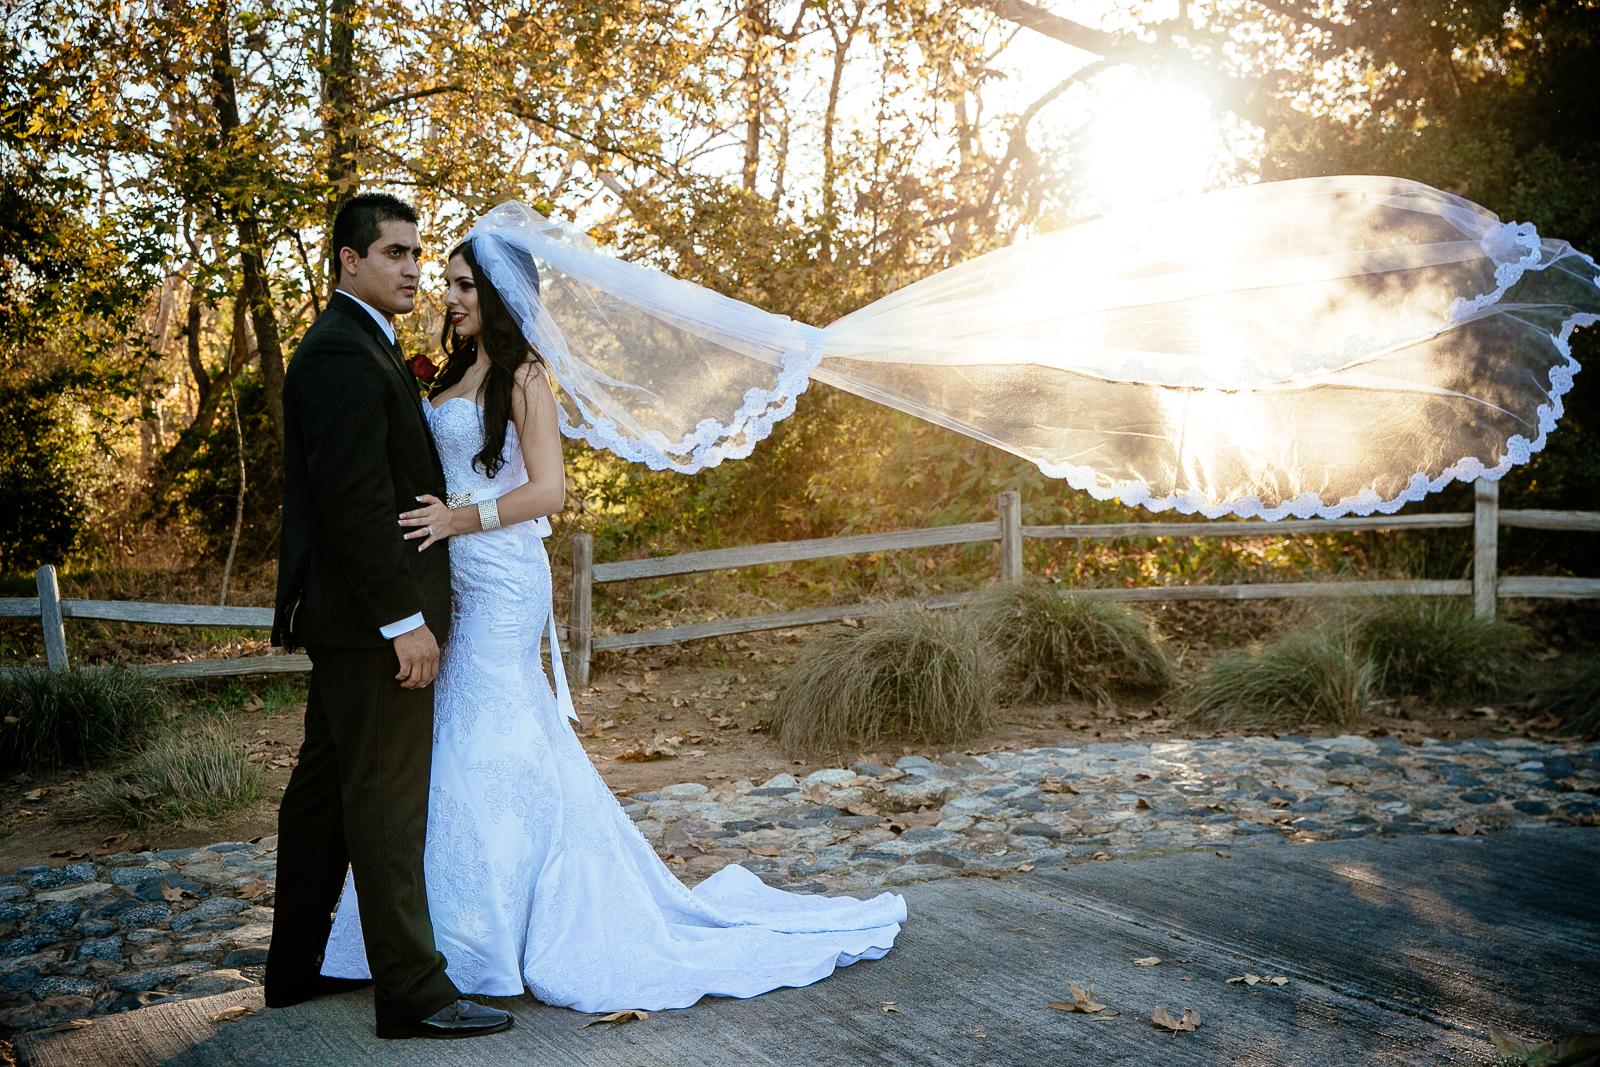 STACIE_&_JESUS_WEDDING_WEDGEWOOD_FALLBROOK_2015_2015_IMG_4672.JPG